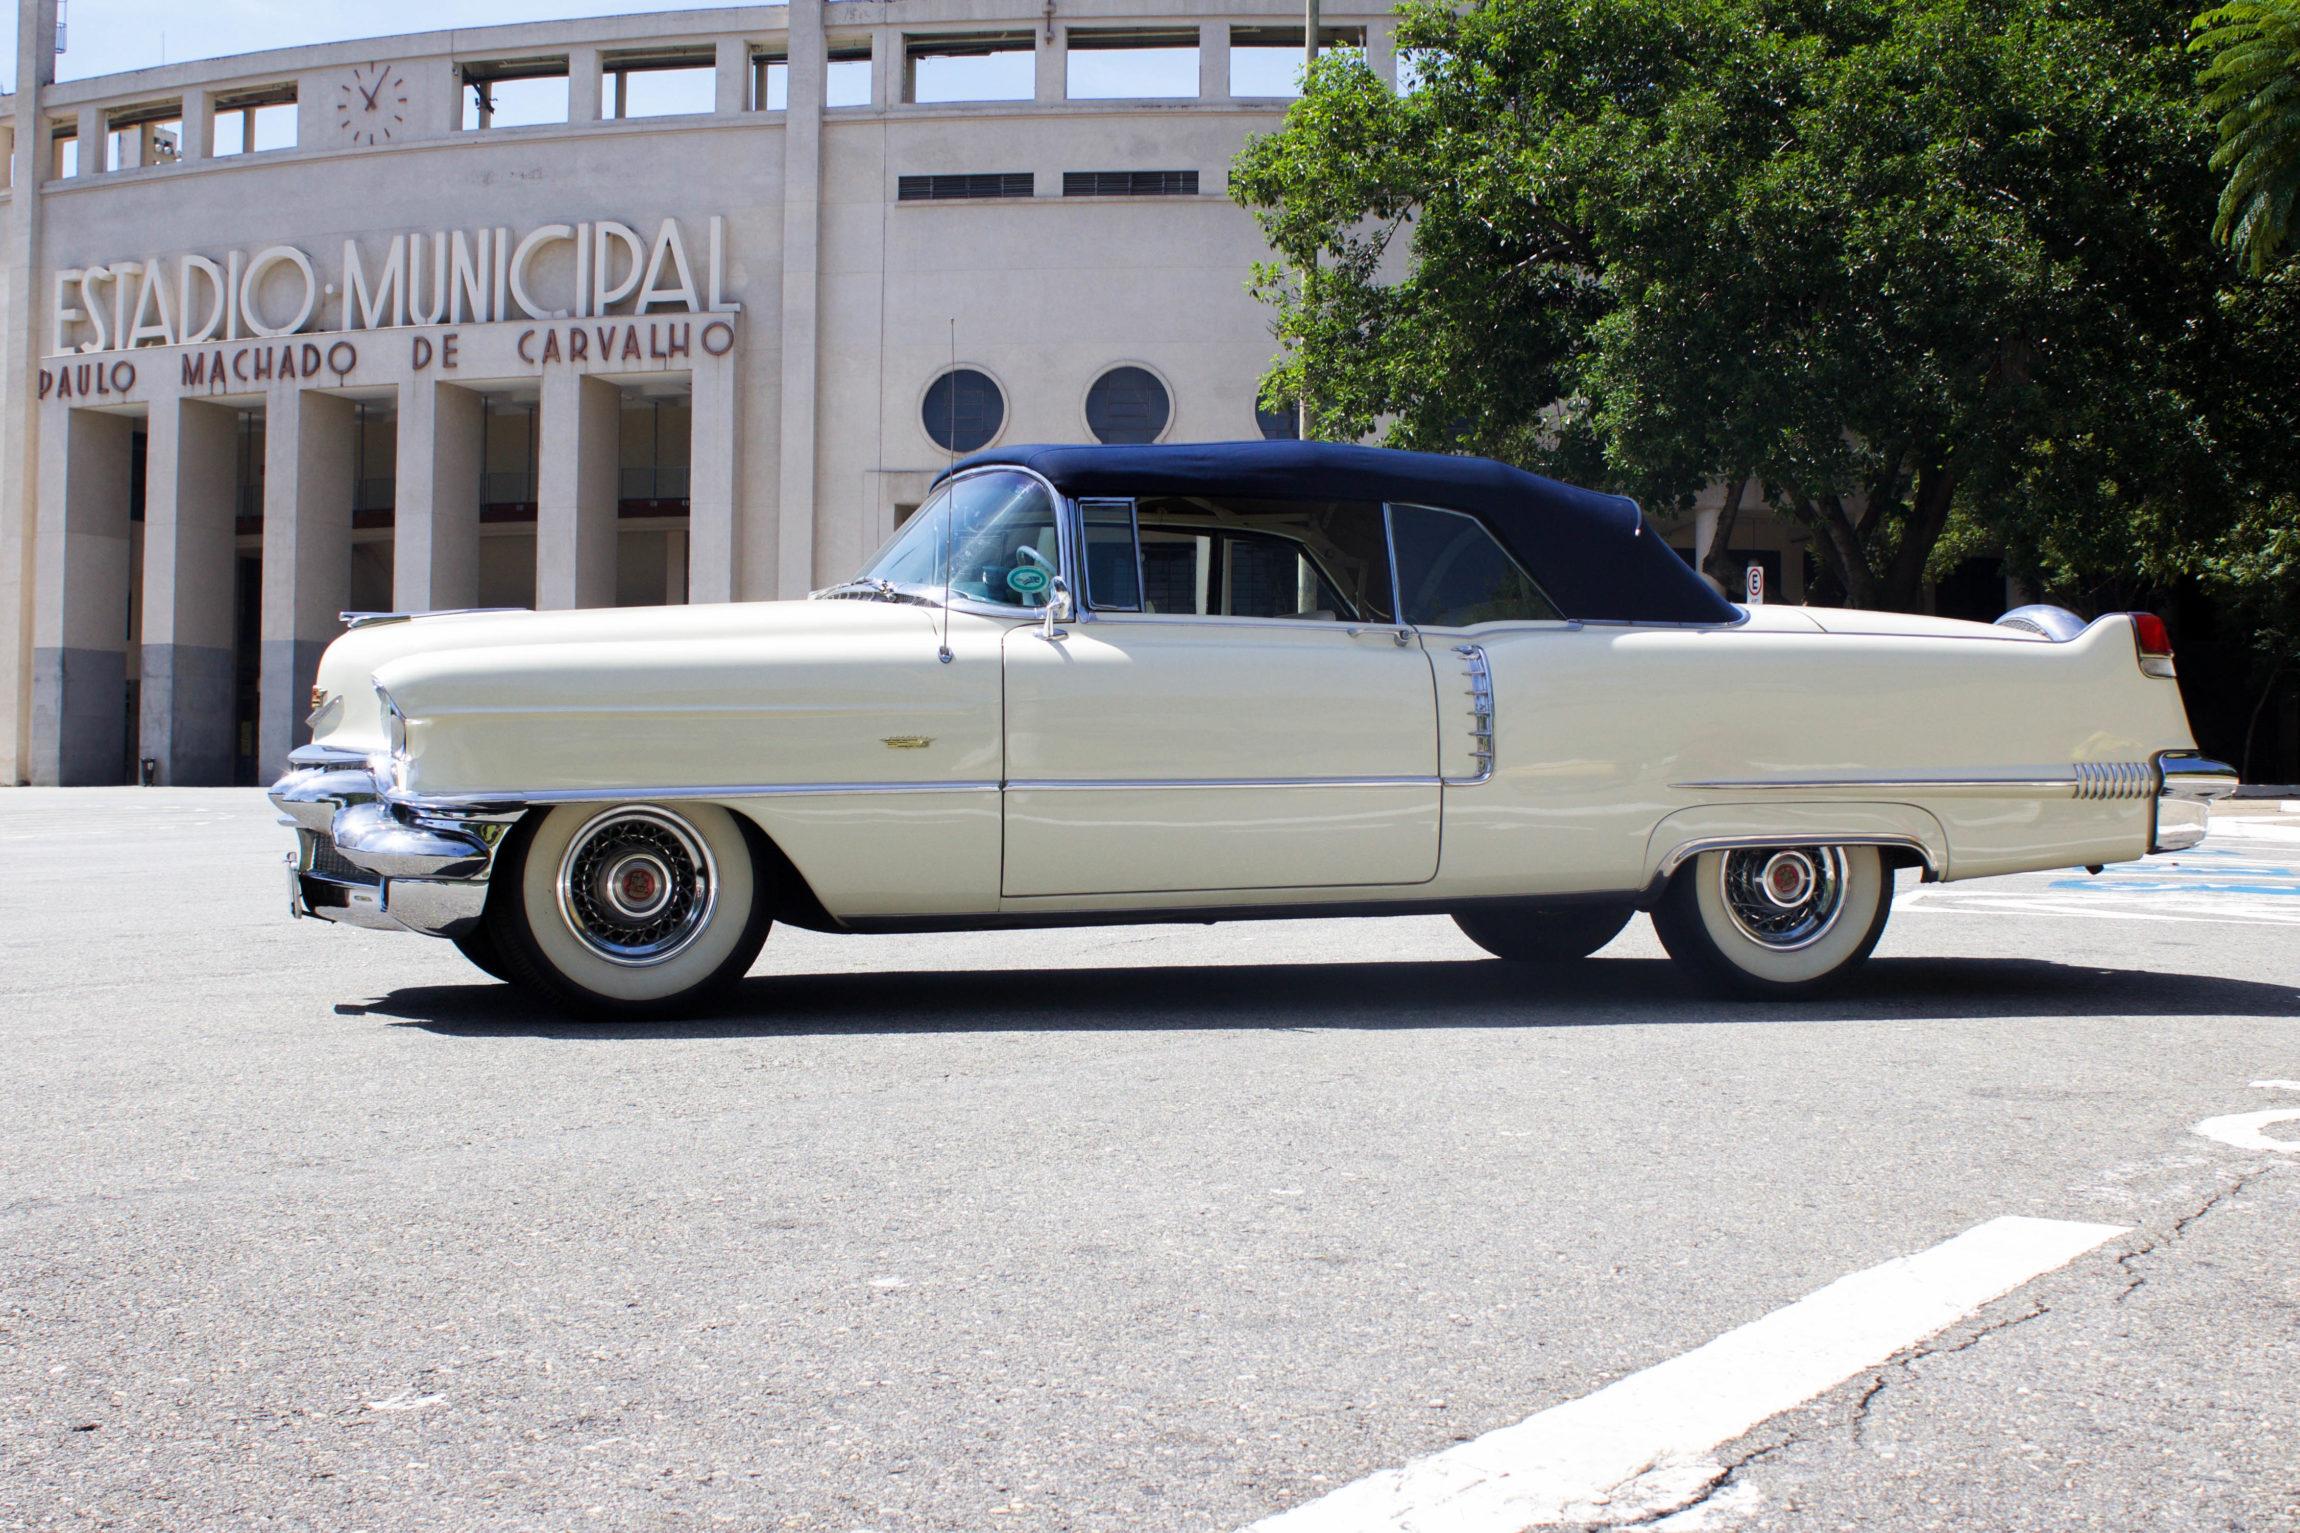 1956 Cadillac Conversível